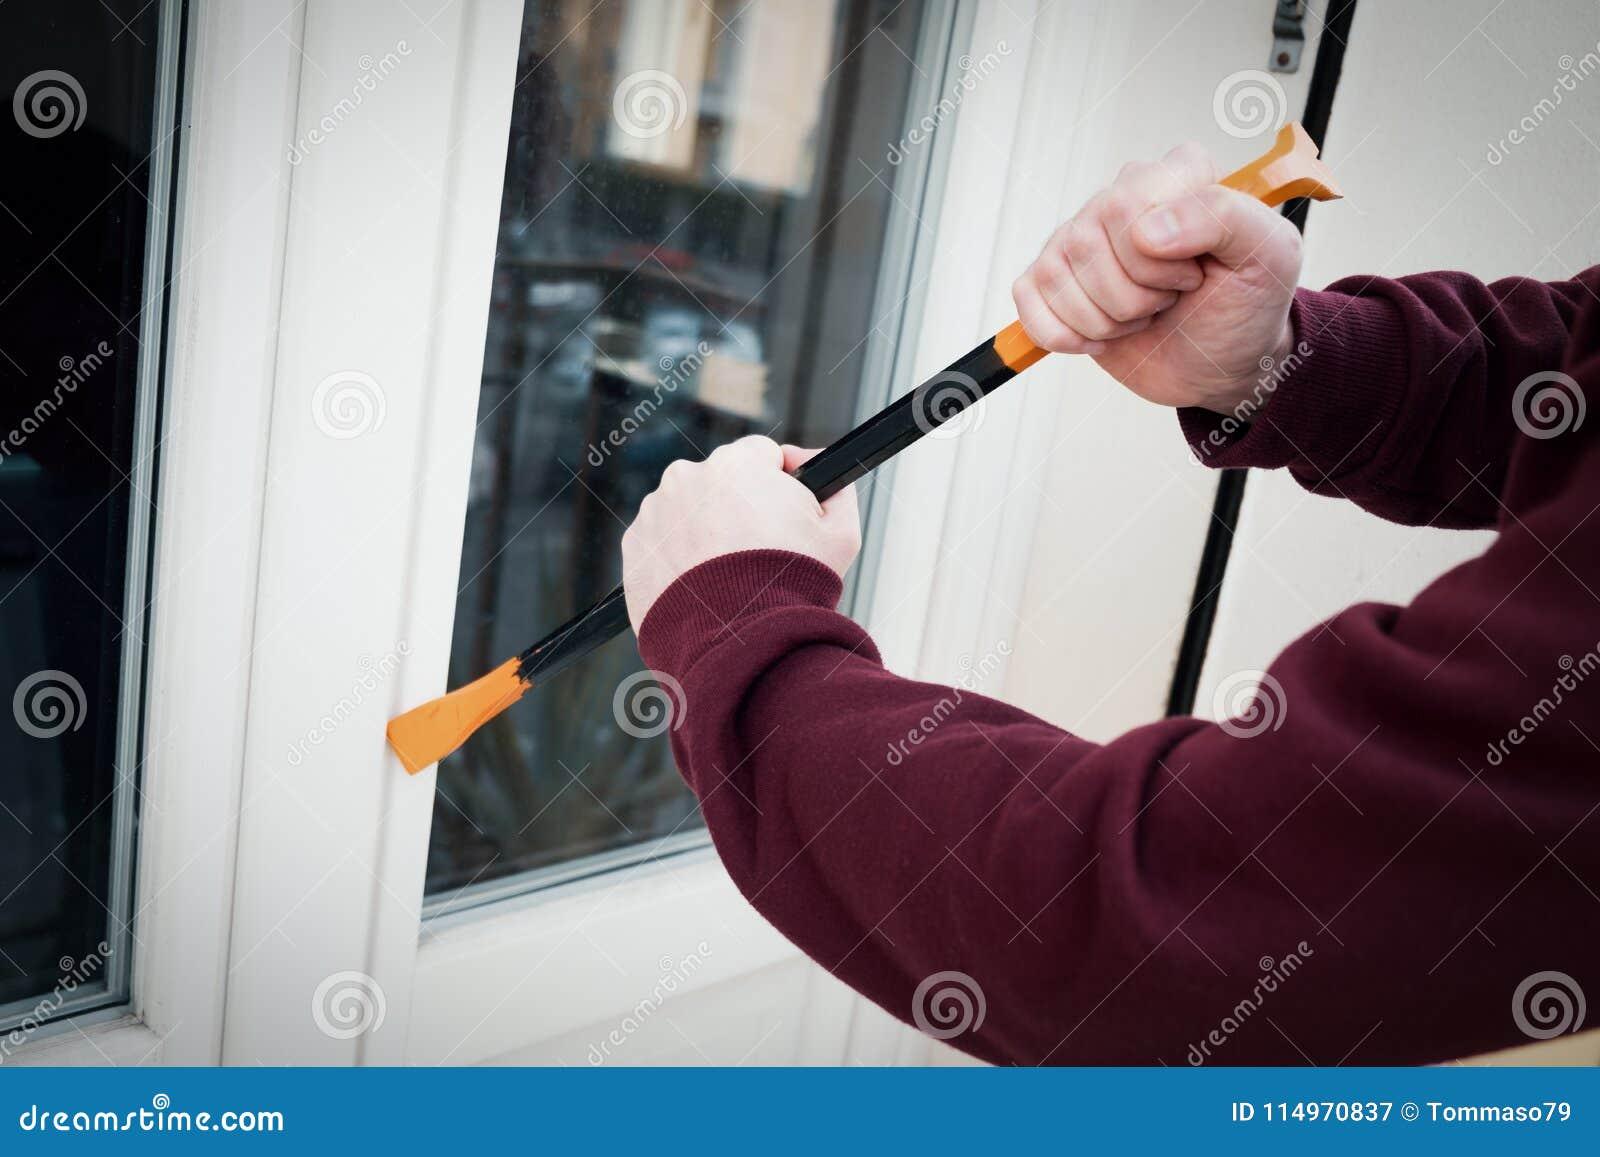 Assaltante encapuçado que força o fechamento de janela para fazer um roubo em uma casa